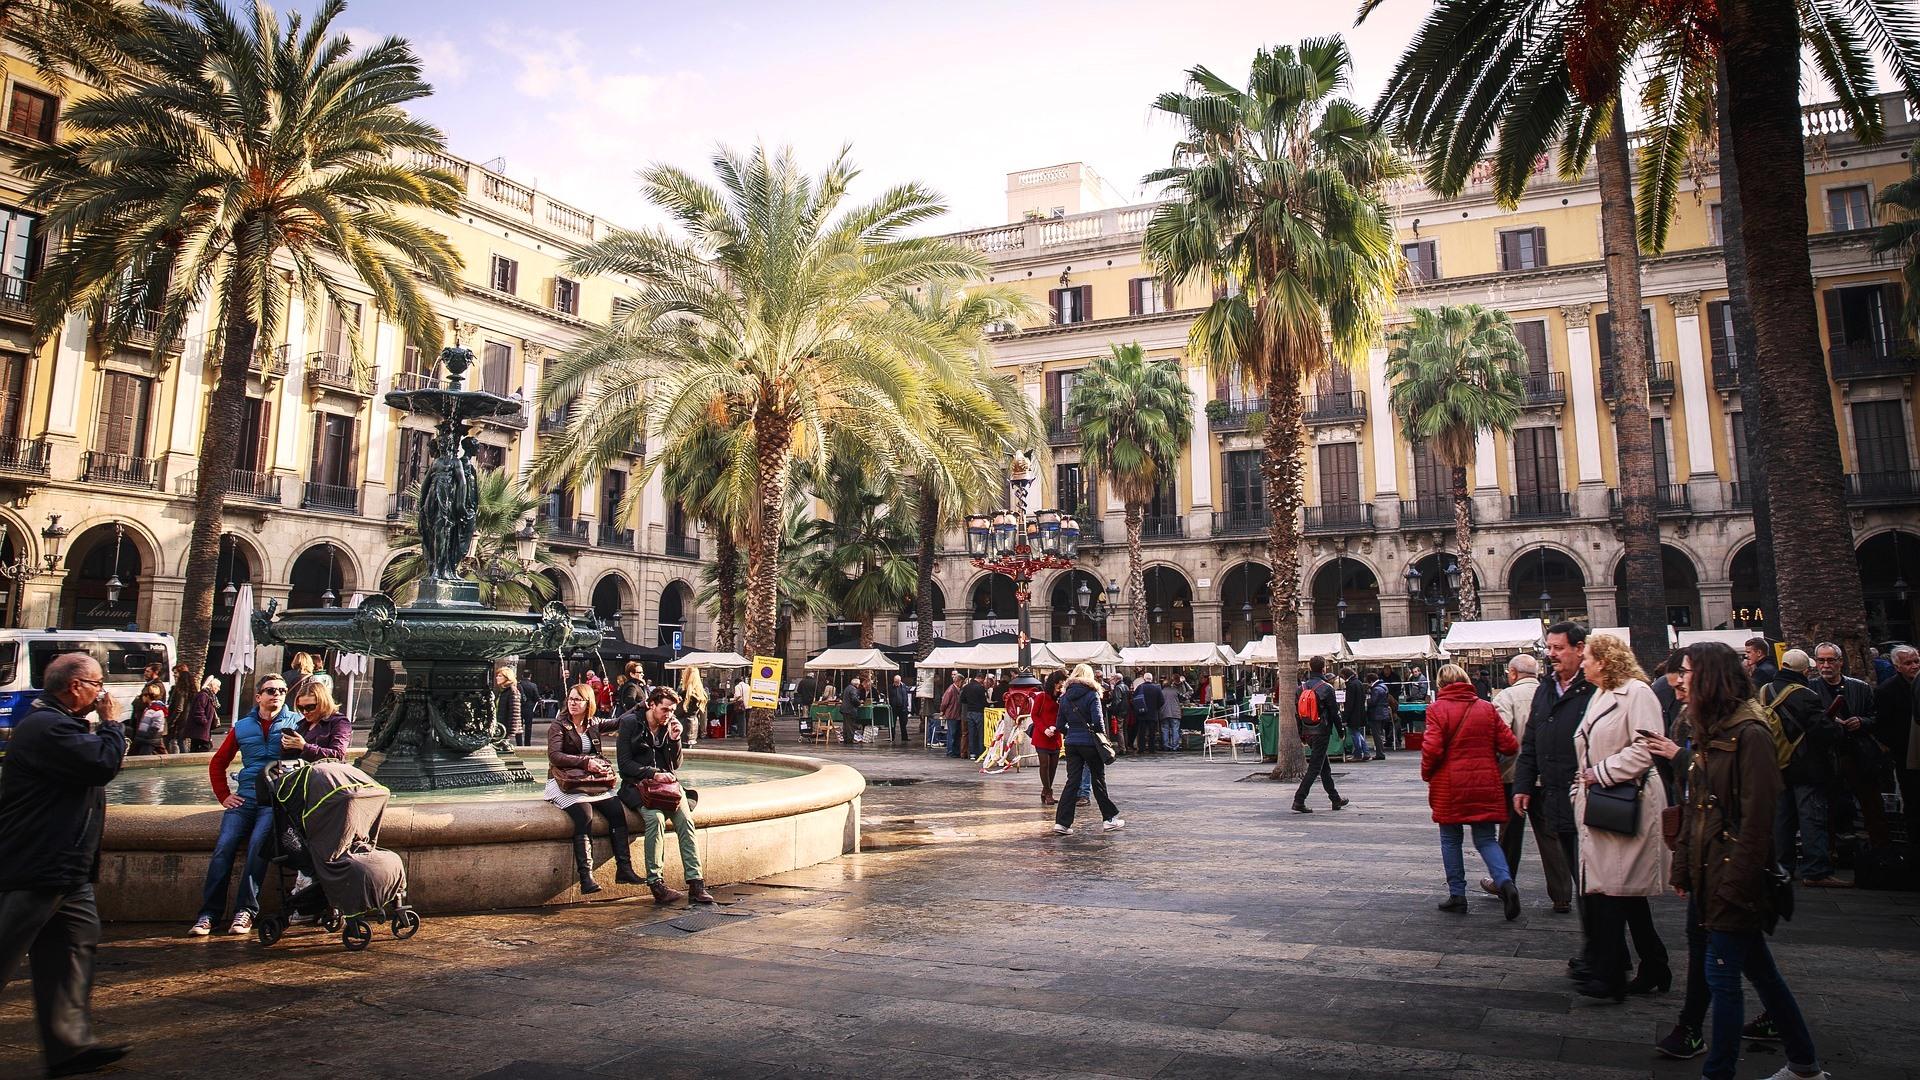 Placa_Reial_Barcelone_CC0.jpg?1544810495